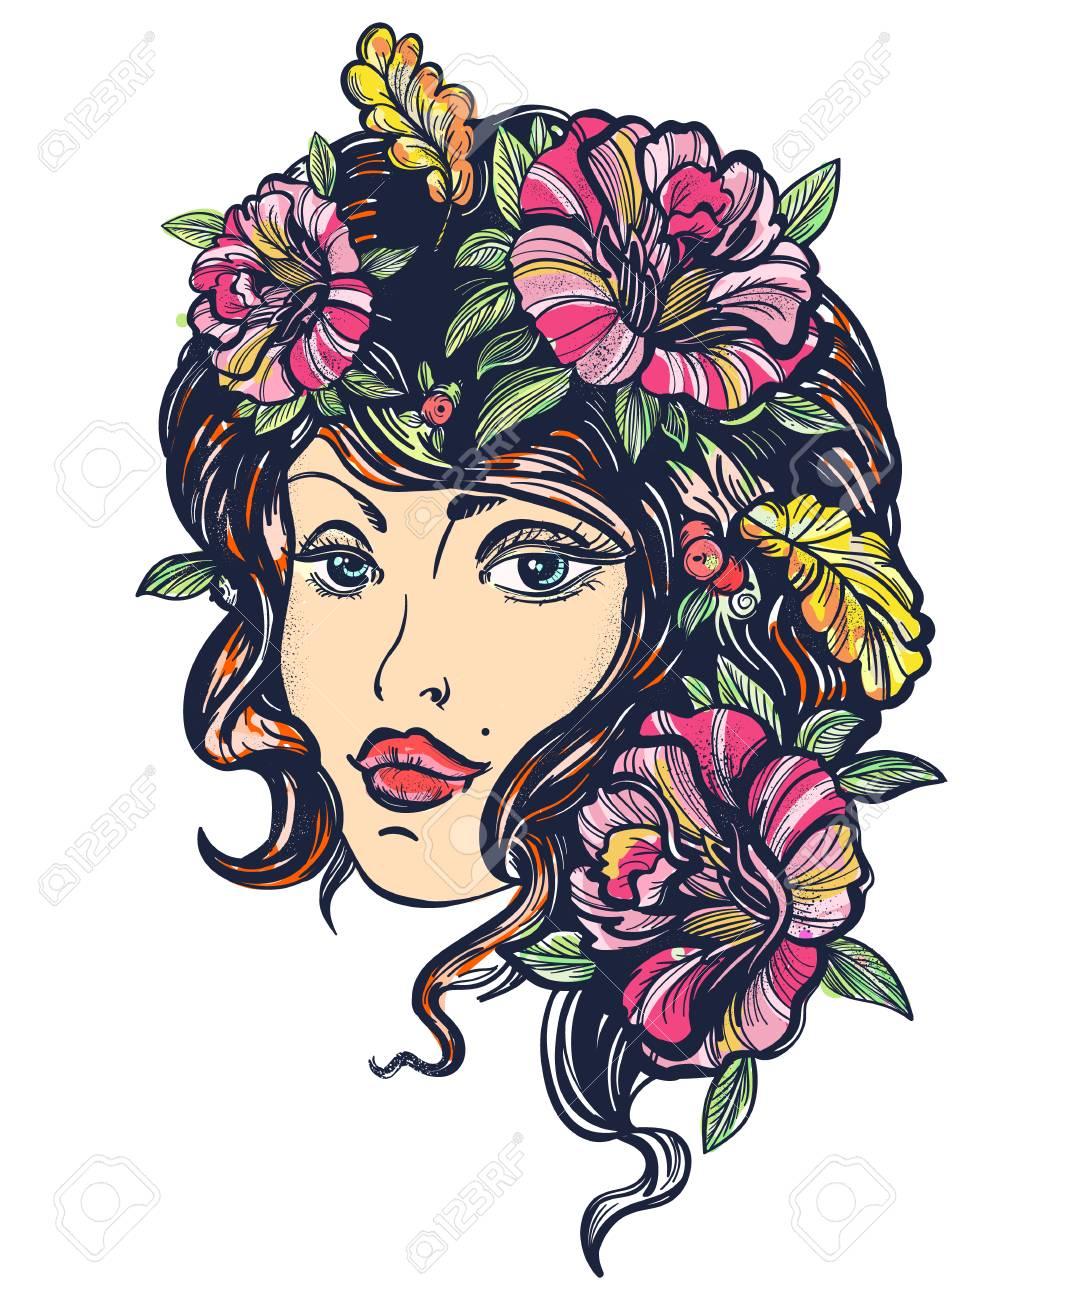 Automne Nature Femme Vieille Ecole Couleur Tatouage Conception De T